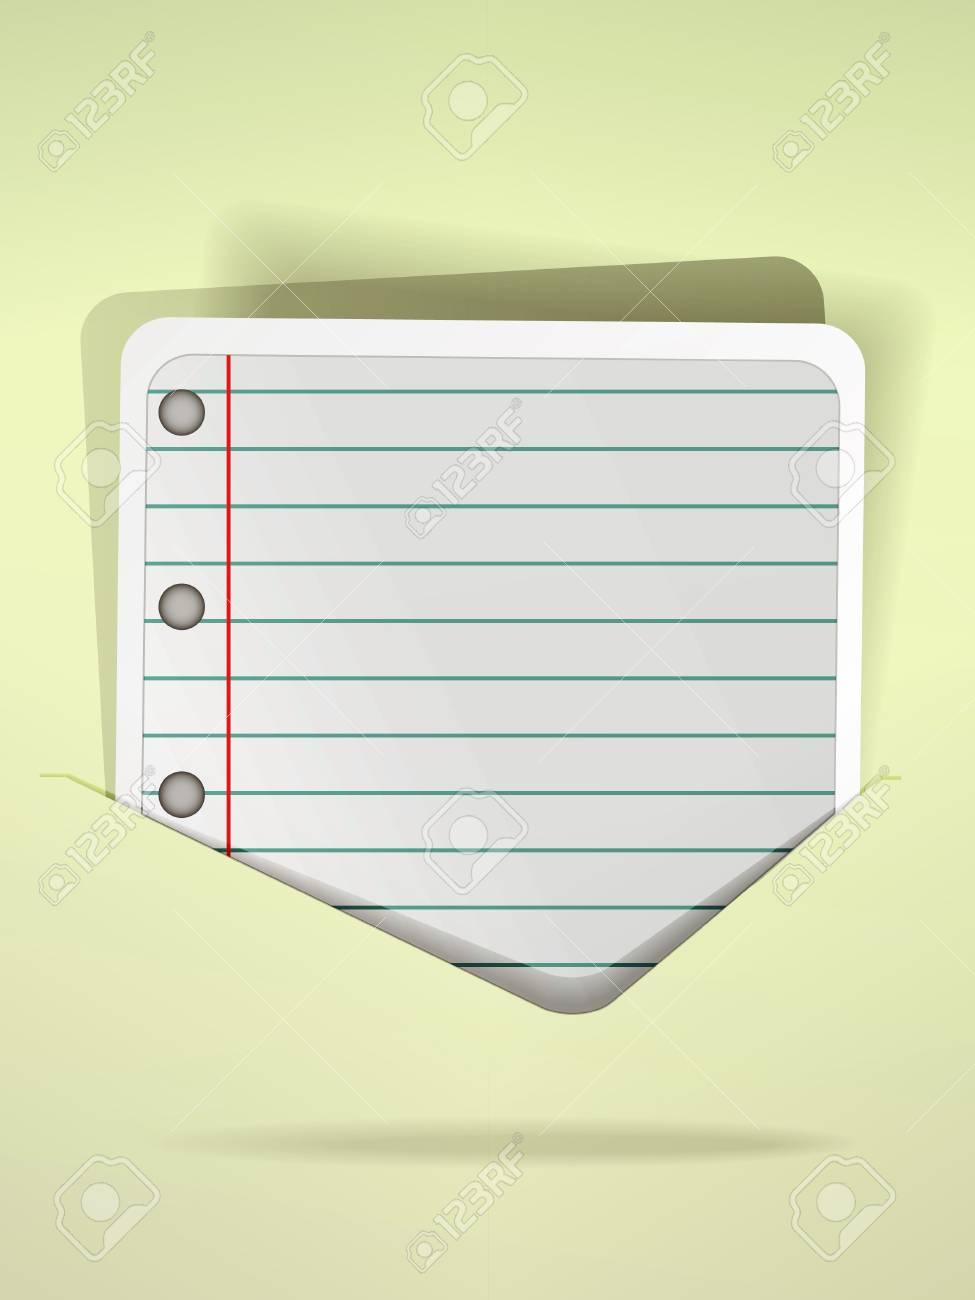 Modern speech bubble in notepad style